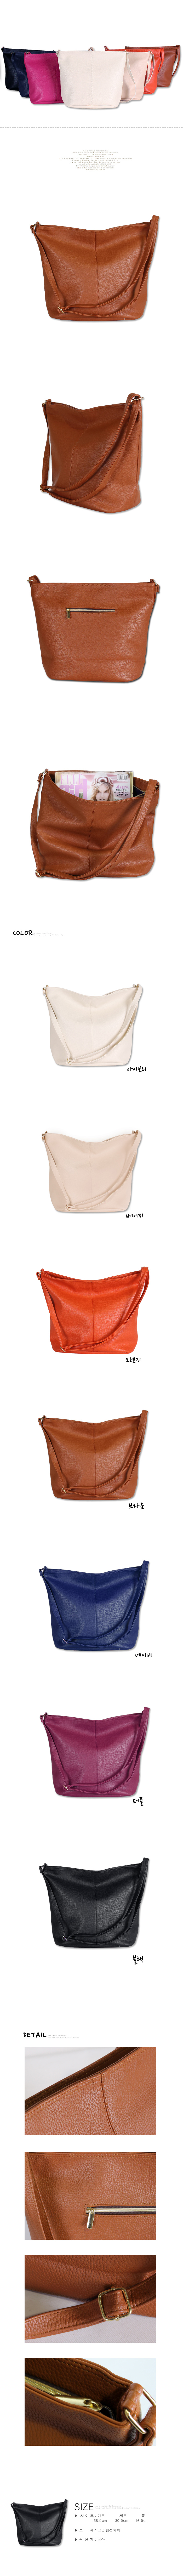 BS Owl Shoulder Bag 8color